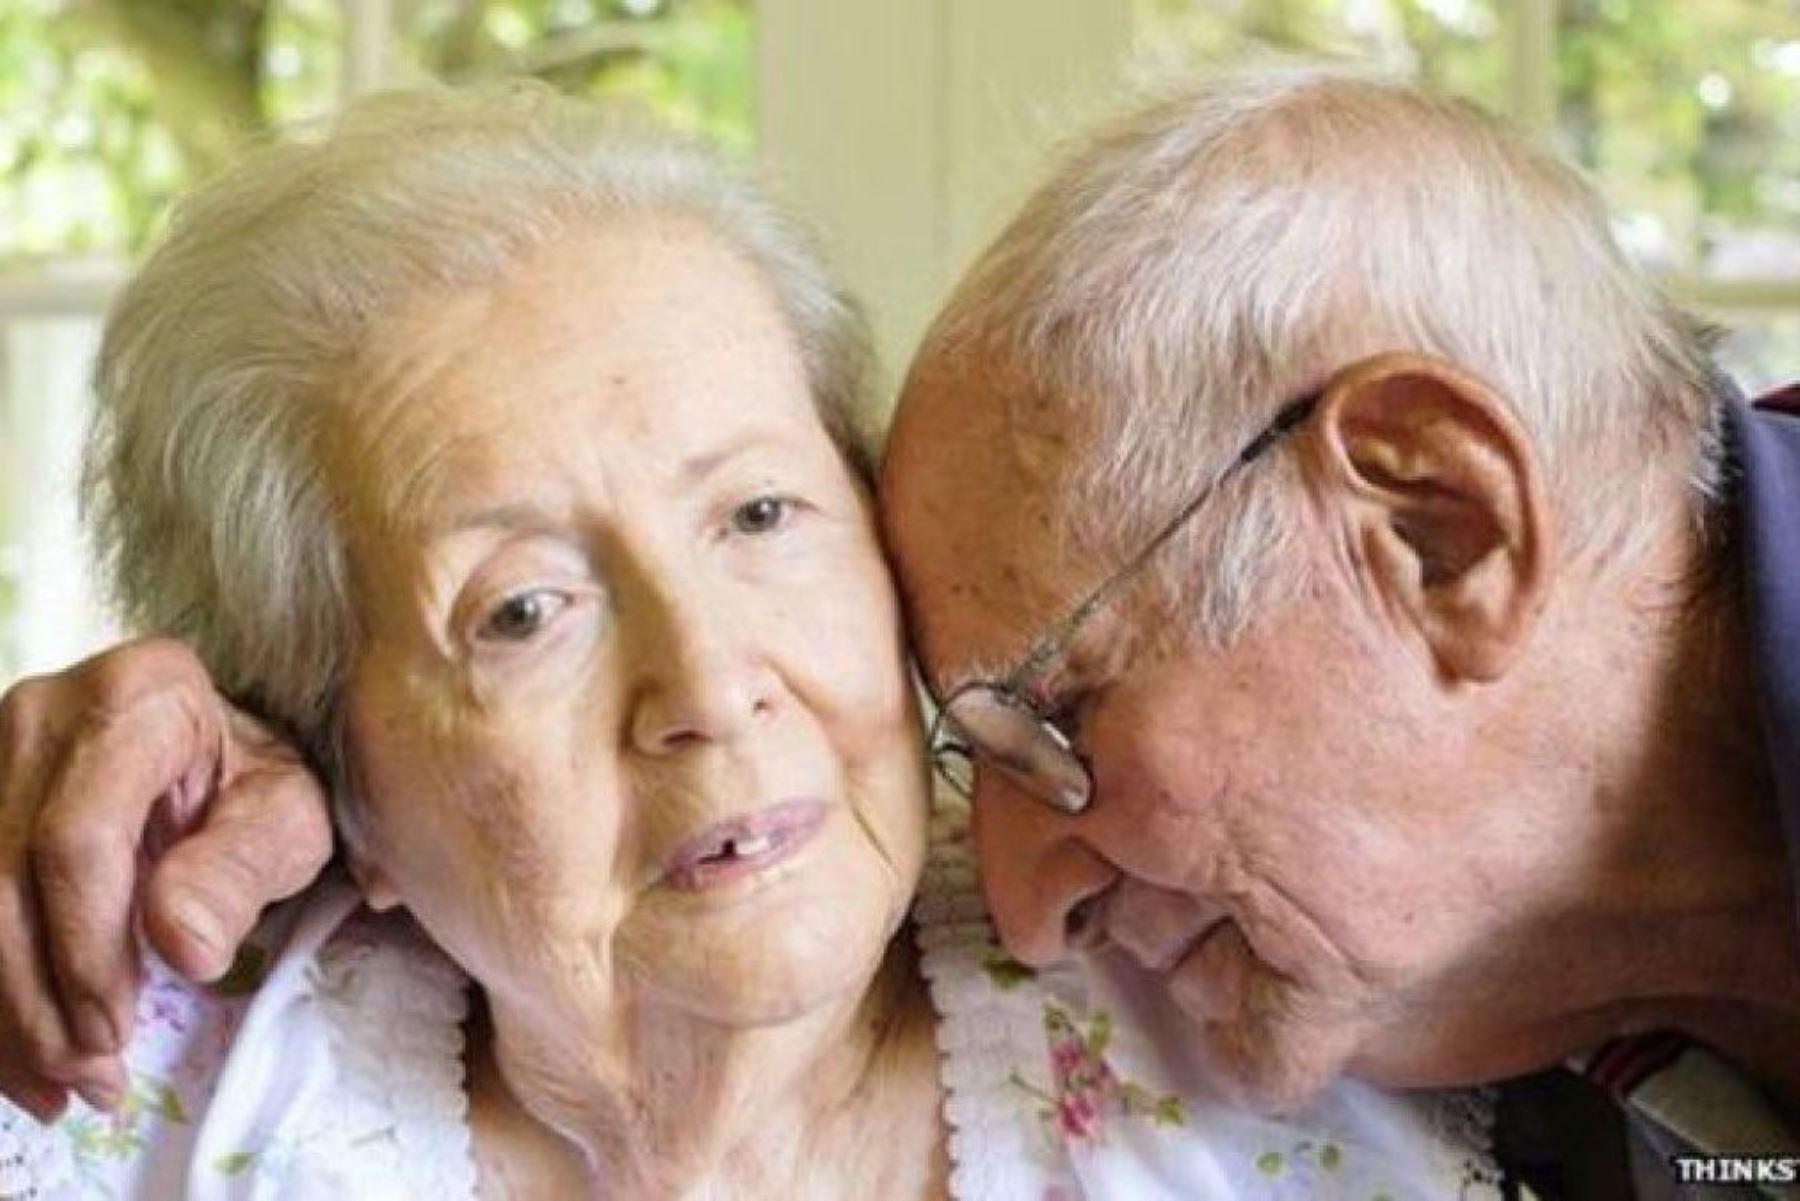 Placas amiloides serían la clave para un diagnóstico temprano del alzhéimer, enfermedad neurodegenerativa que afecta a más de 200 mil adultos mayores en el Perú. Foto: Andina/Difusión